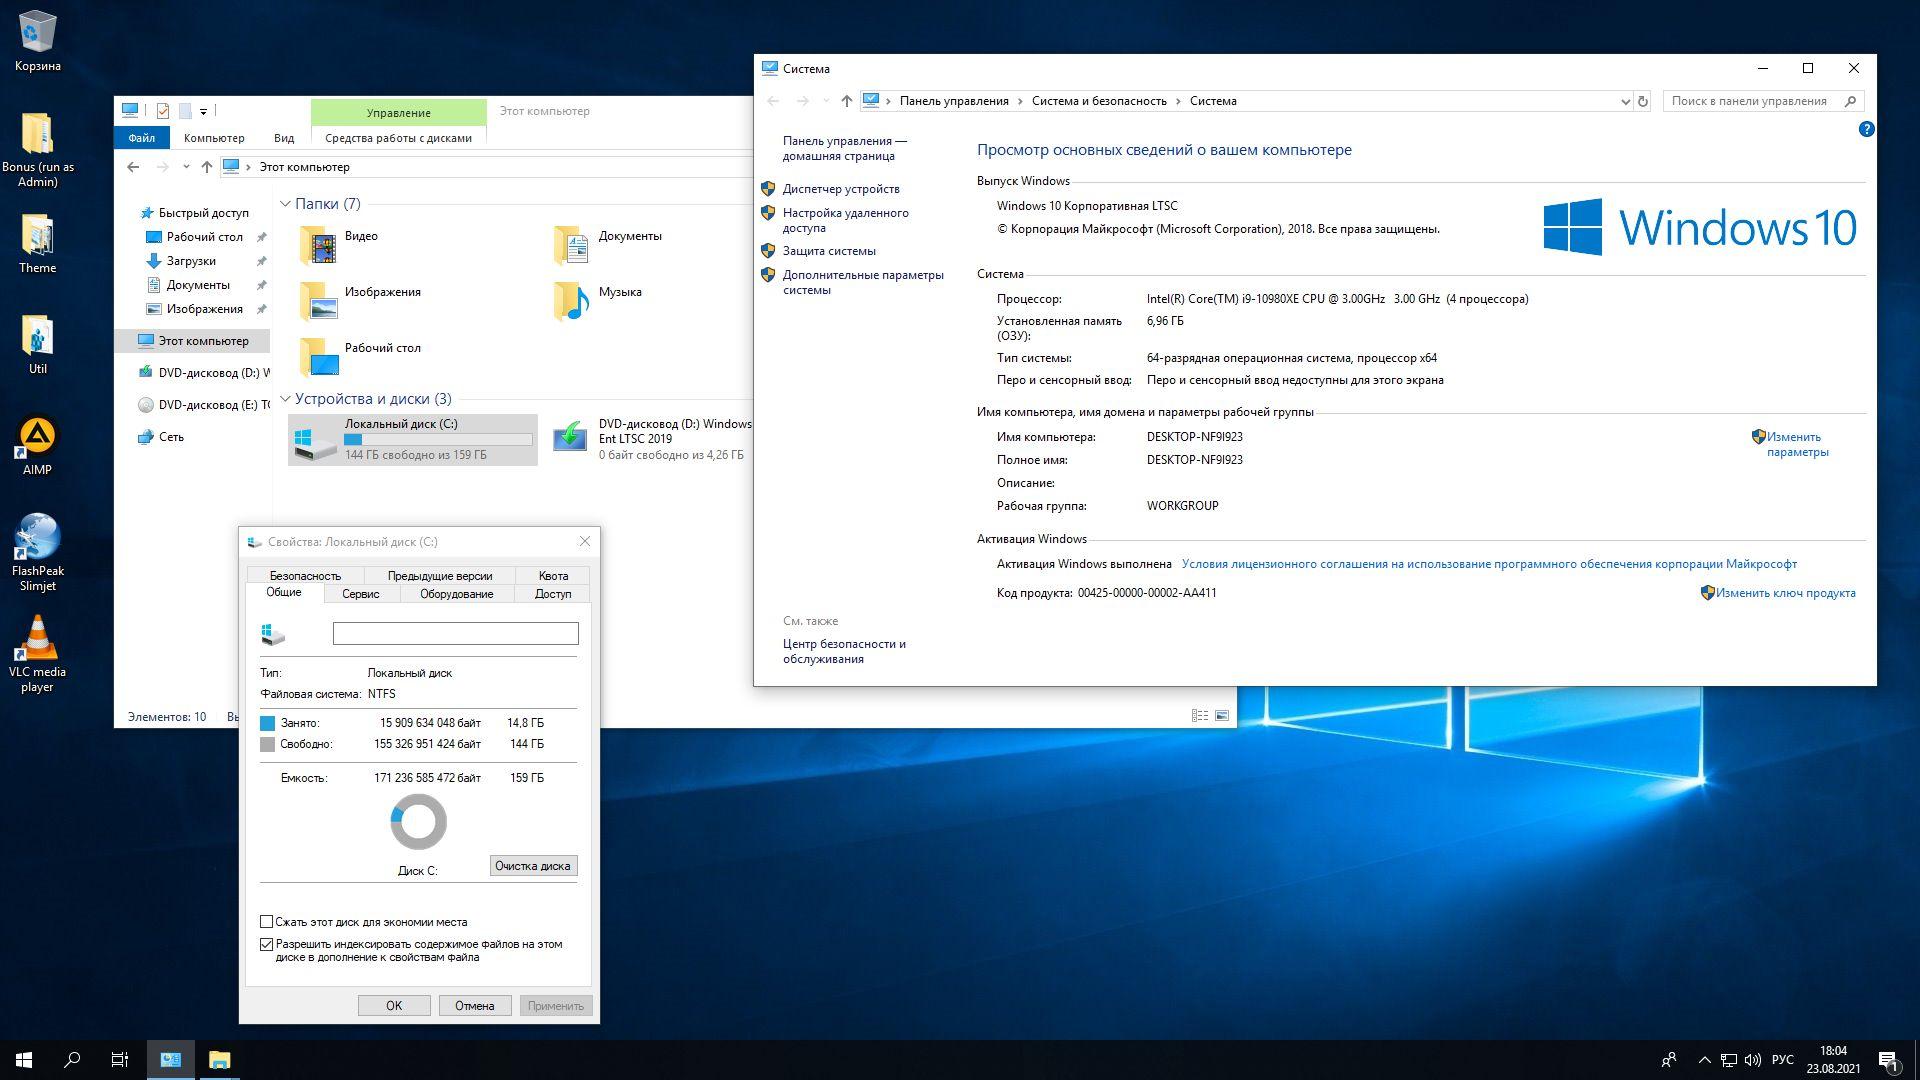 Windows 10 Enterprise LTSC 2019 En-De-Ru-Uk-He x64 [Август 2021] v1 x64 by yahooXXX